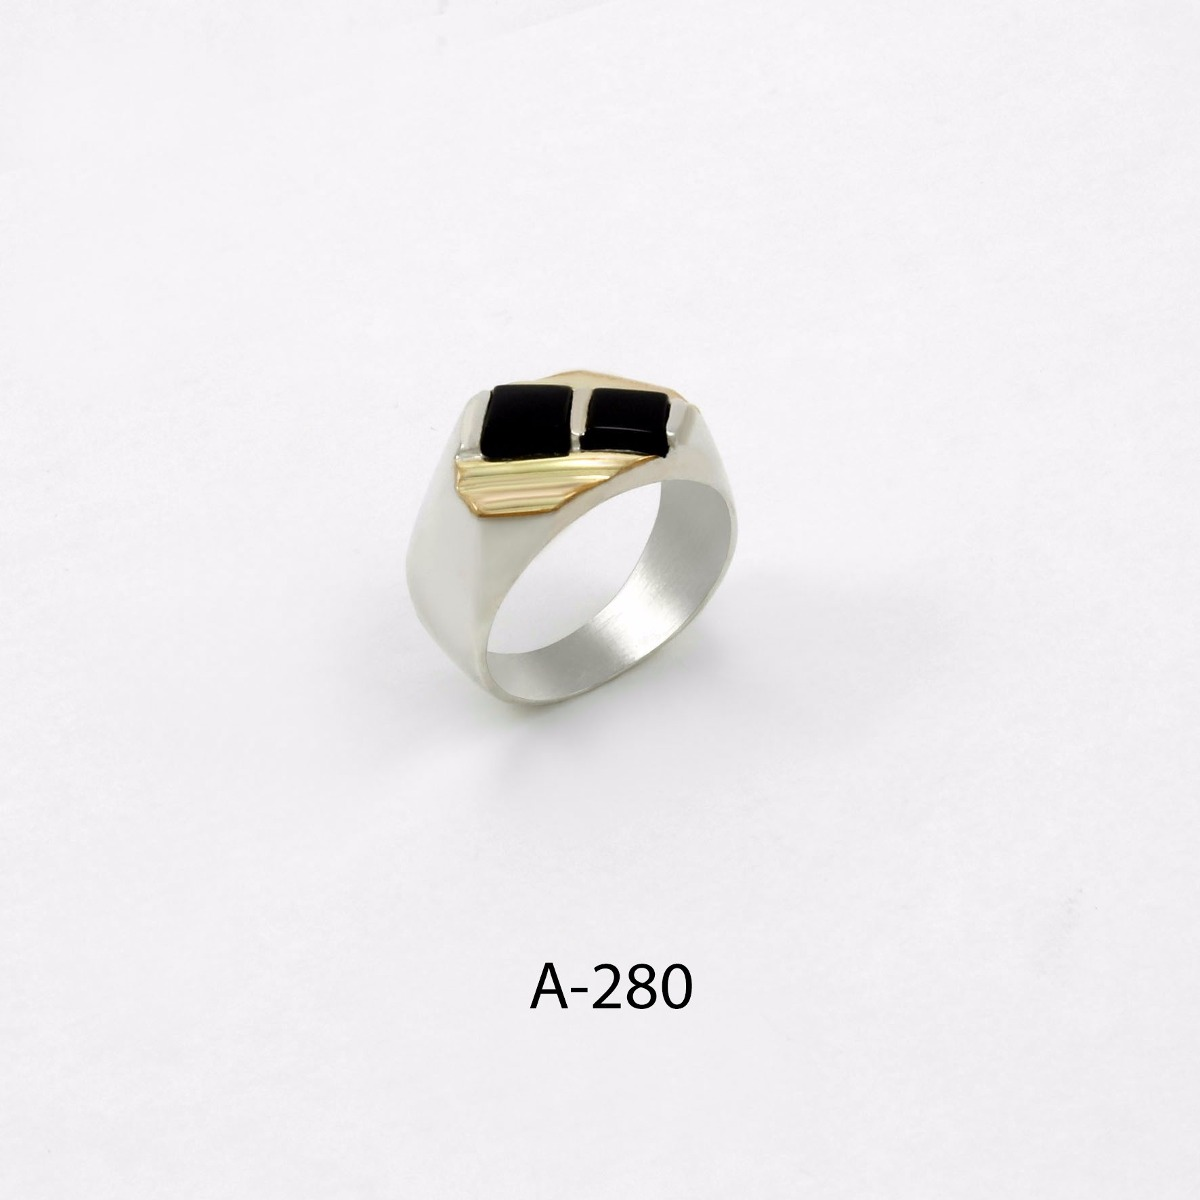 e7c0e3825680 anillo de plata 925 y oro codigo a280 piedra negra. Cargando zoom.